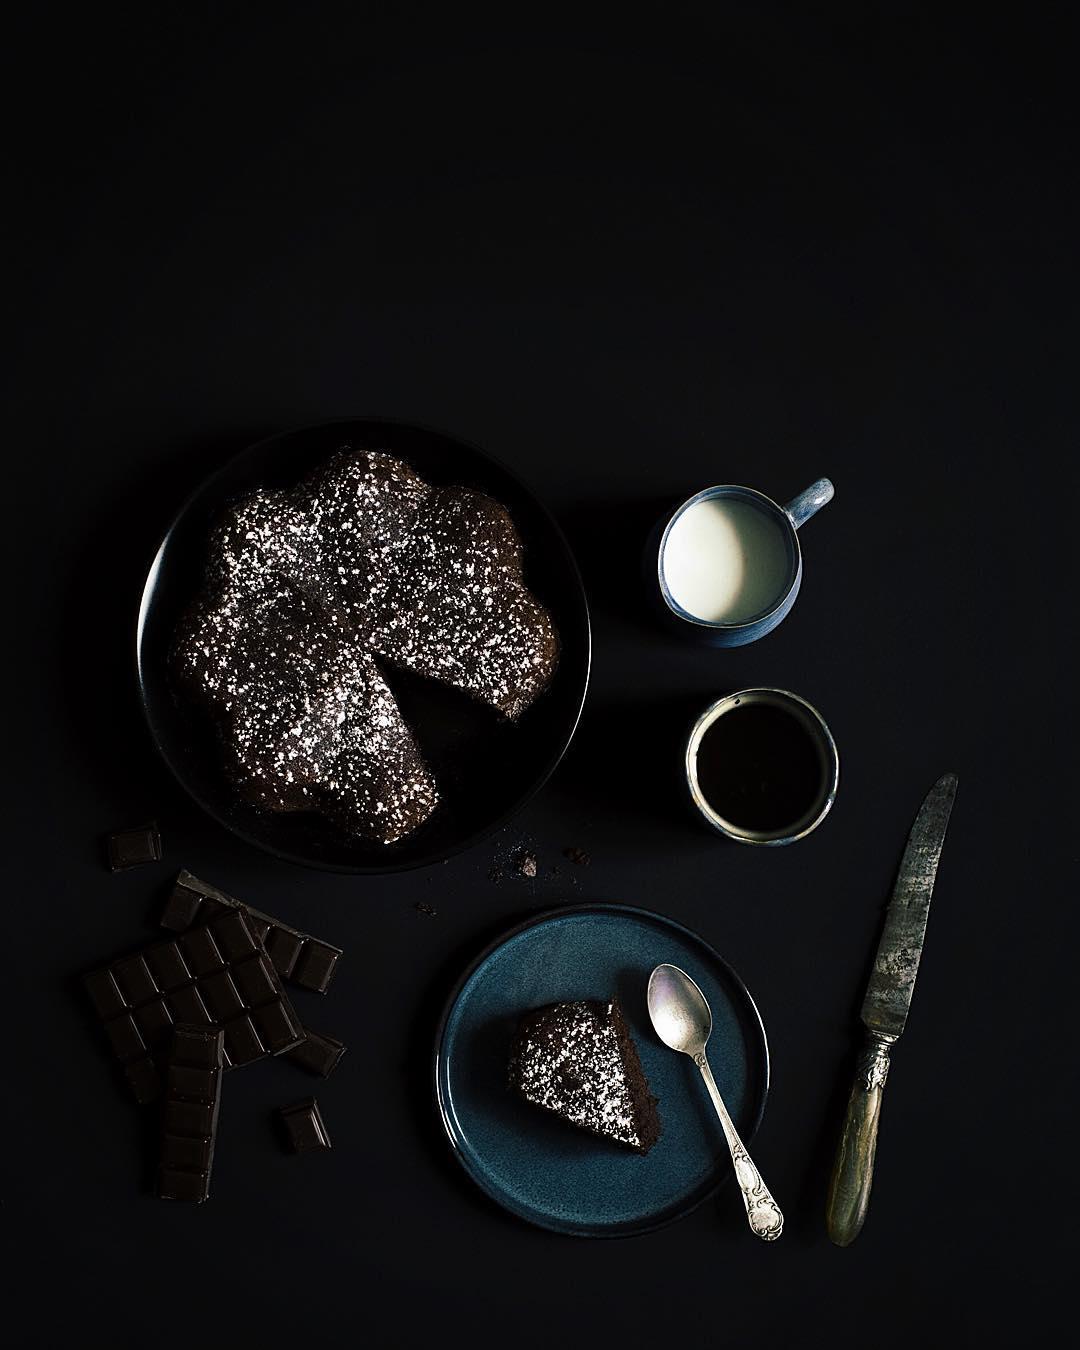 Lheure du goter et de dguster mon gteau au chocolathellip